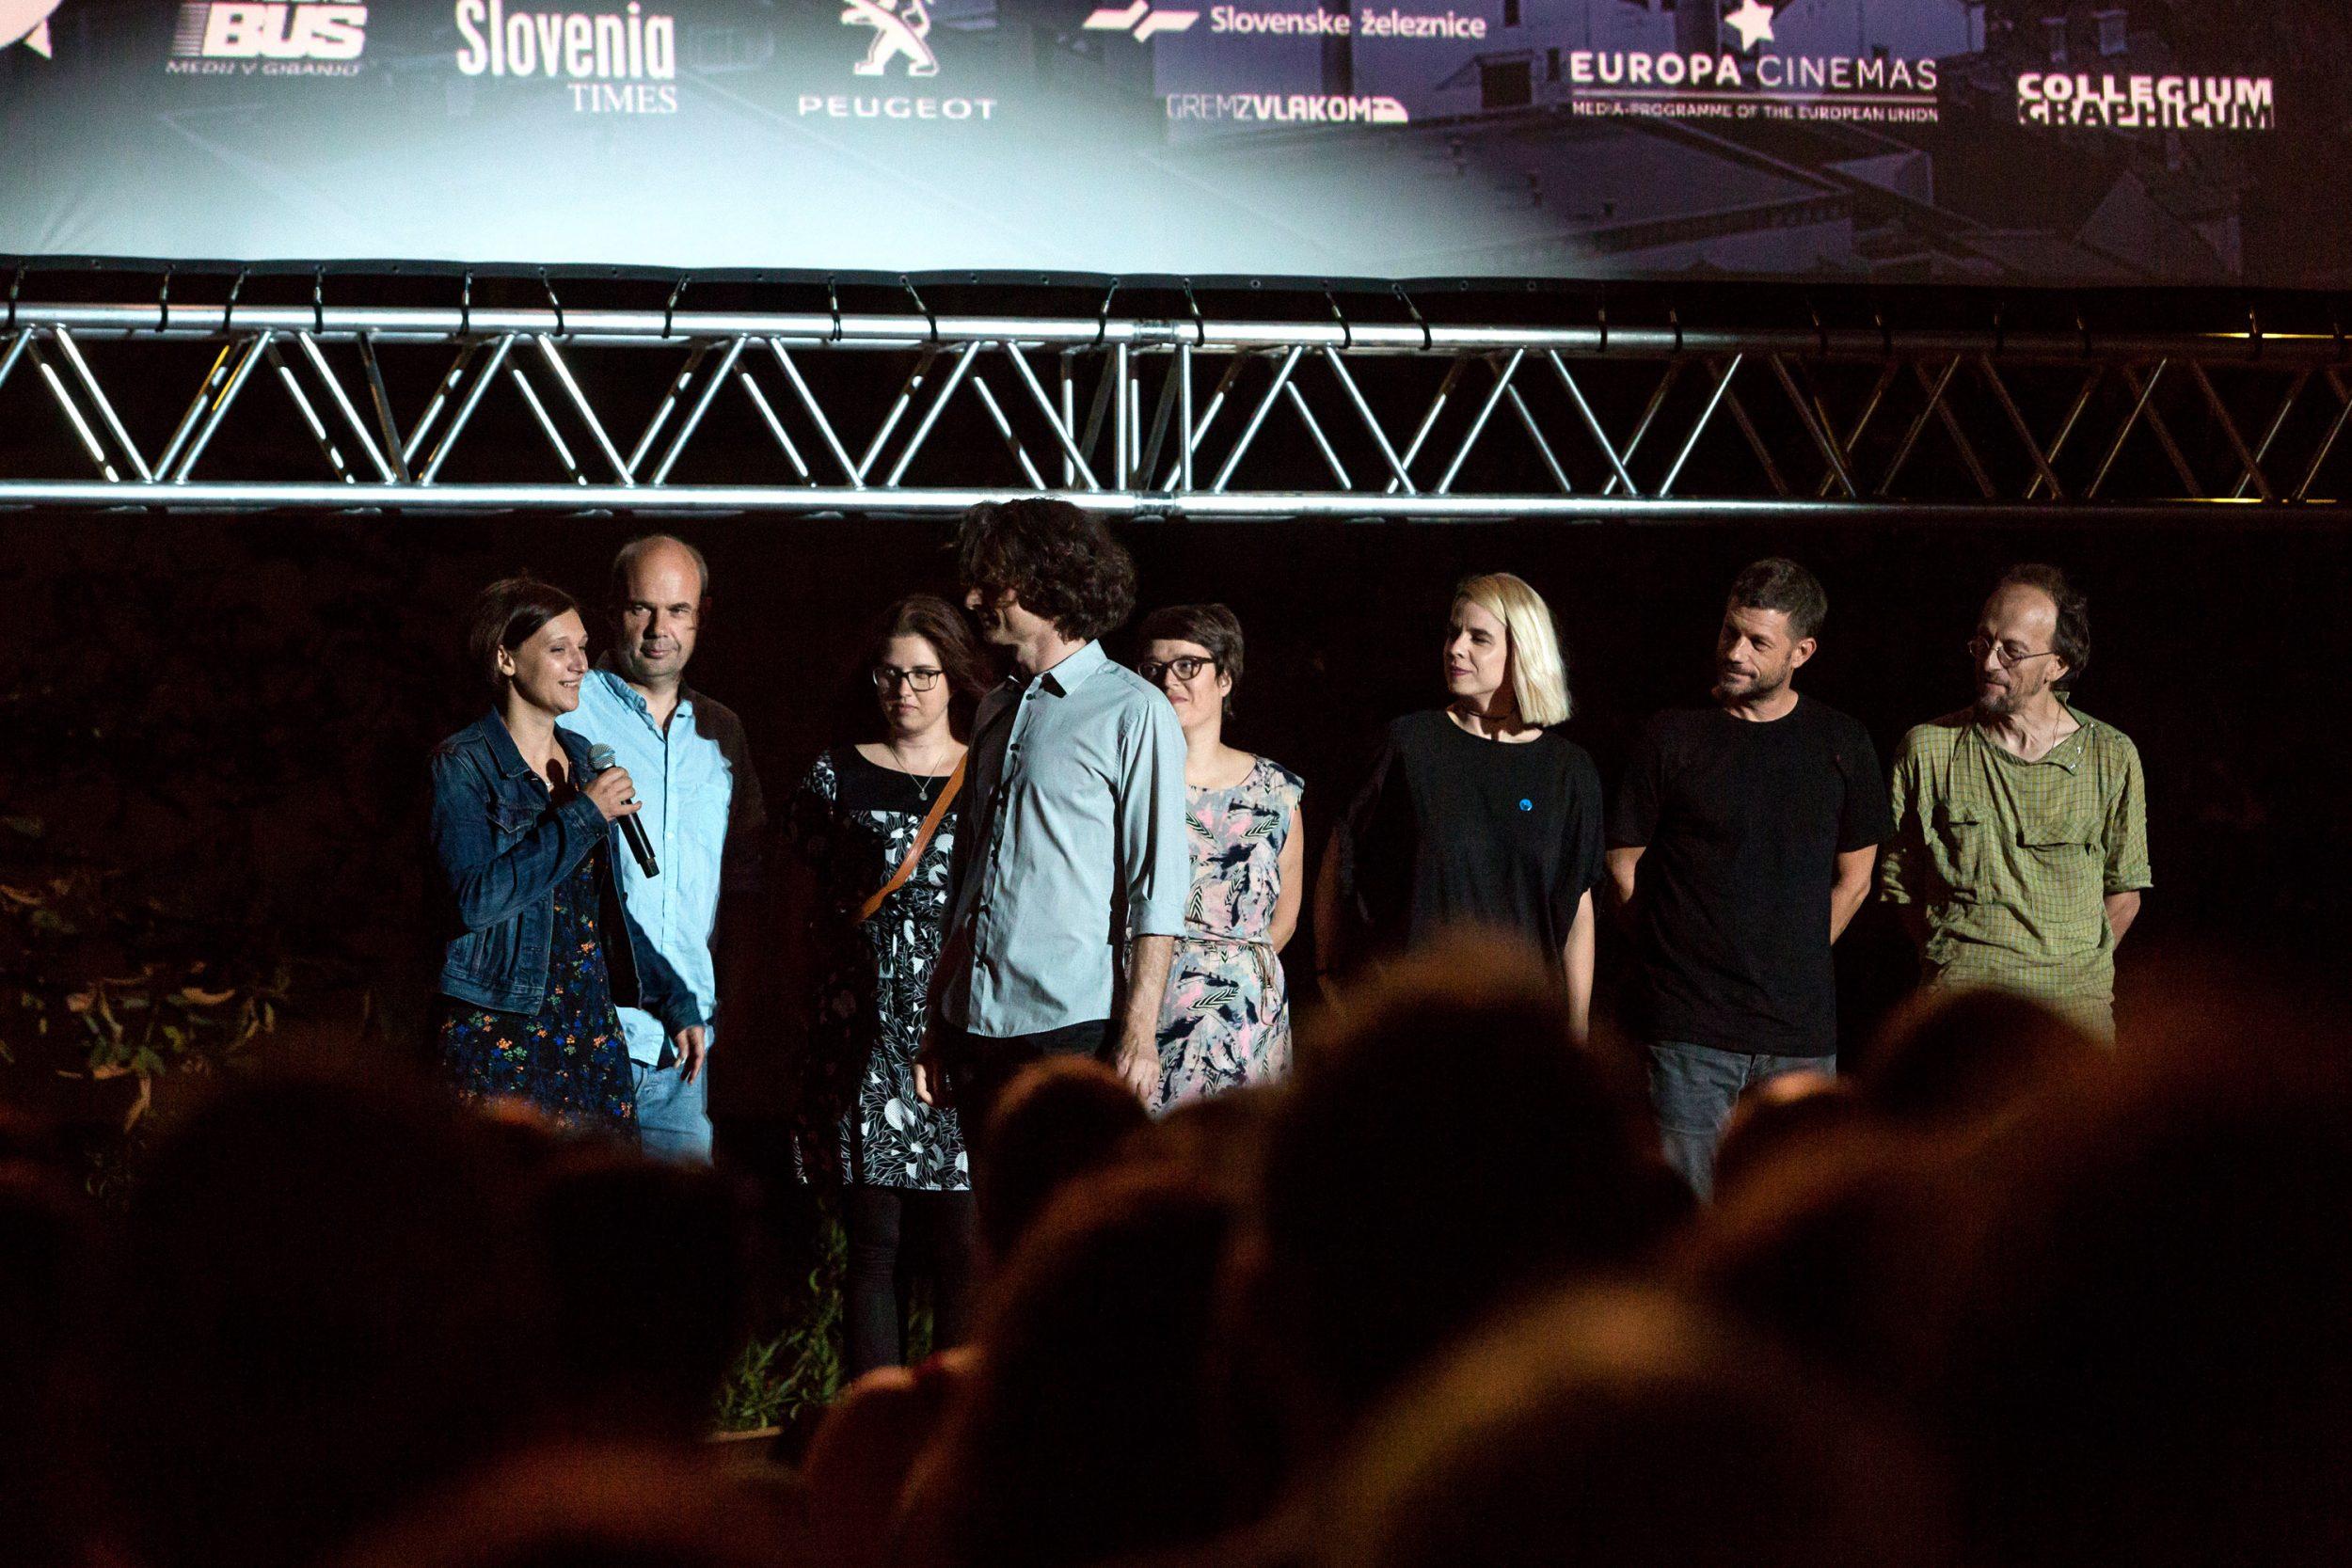 Film pod zvezdami 2017: otvoritev s filmoma Rdeča želva in Nočna ptica